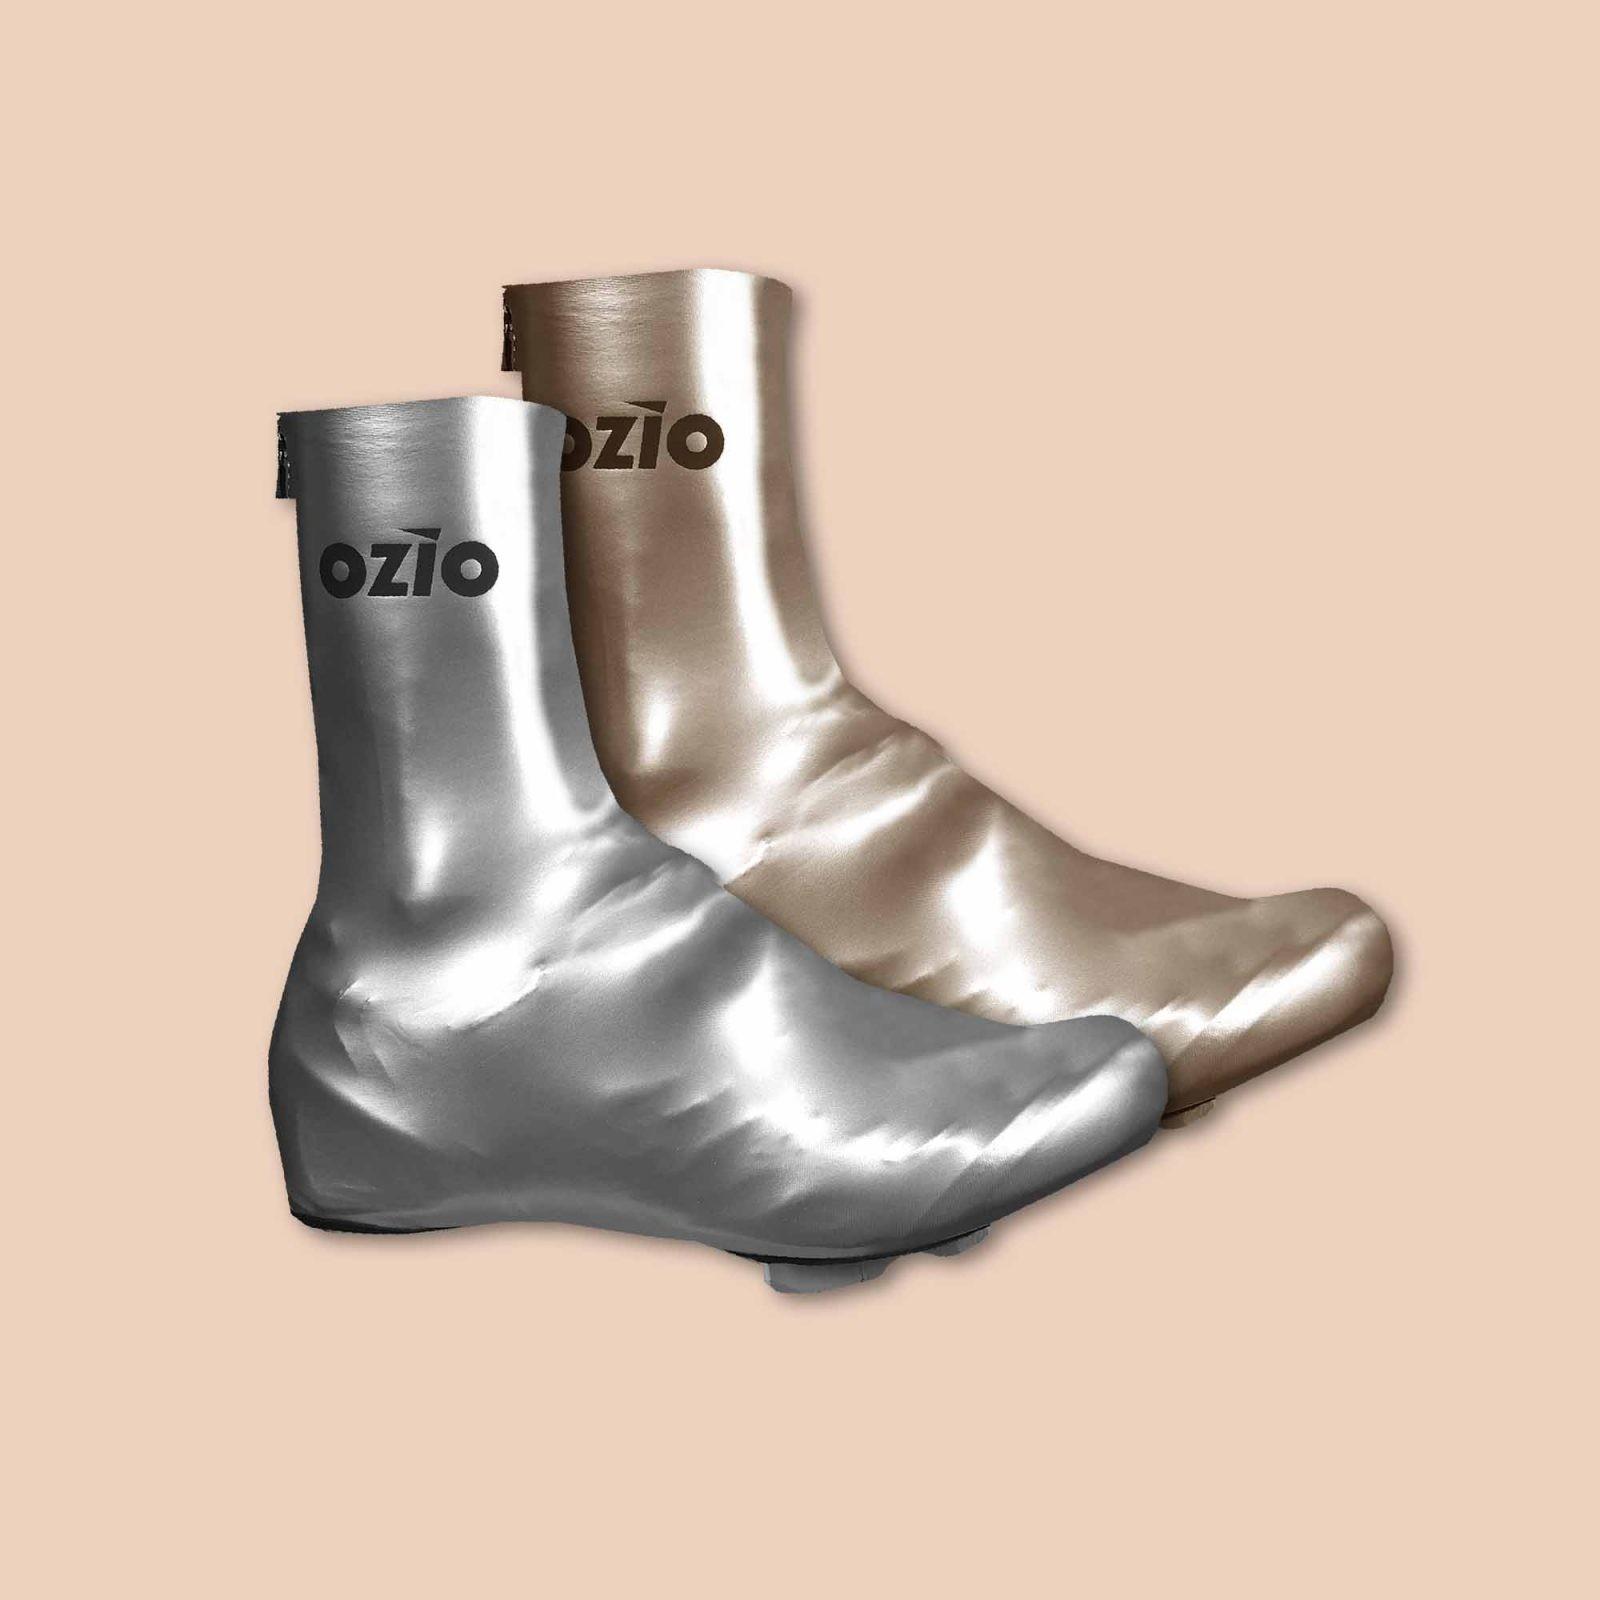 Mal de dos : soyez vigilant sur le choix de vos chaussures